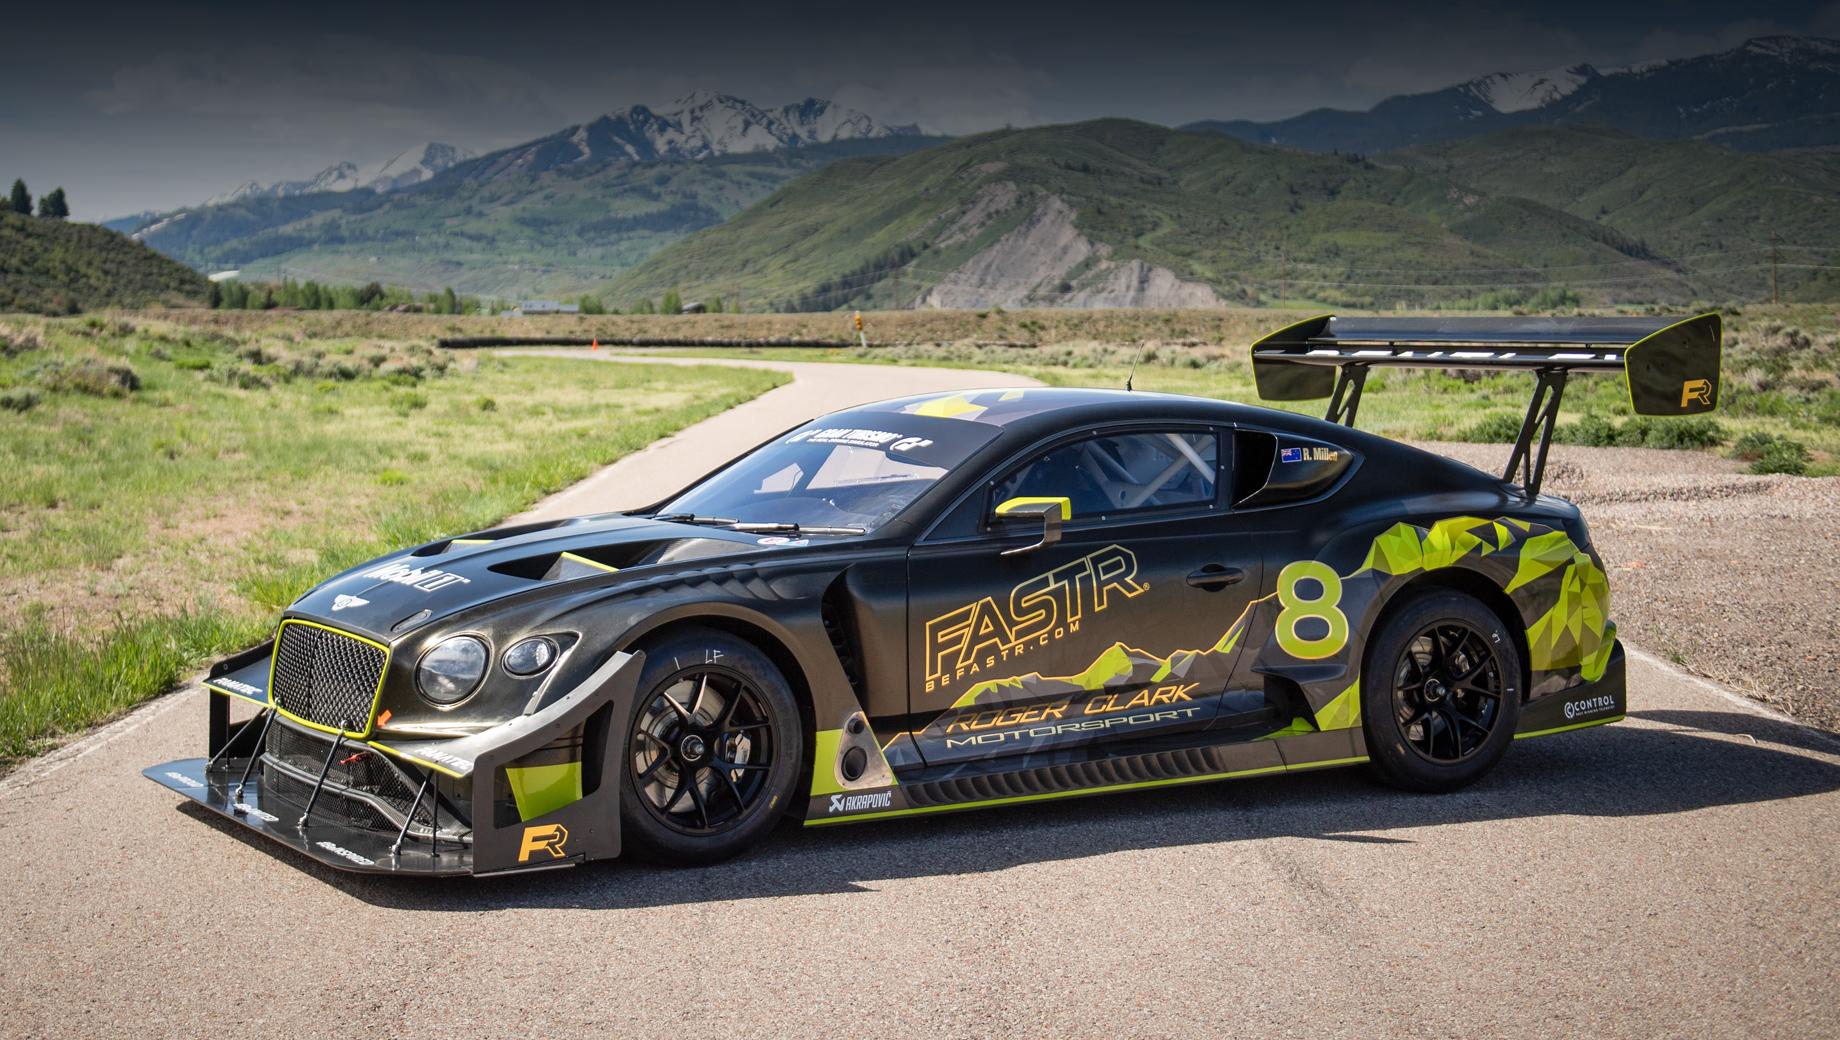 Bentley continental gt3,Bentley continental gt3 pikes peak. Поведёт этот аппарат в бой 27 июня новозеландский гонщик Рис Миллен, трёхкратный победитель «Гонки в облаках», не раз выступавший в Колорадо, в том числе на машинах Bentley. В проекте приняли участие британская клиентская команда Fastr и британская фирма M-Sport.